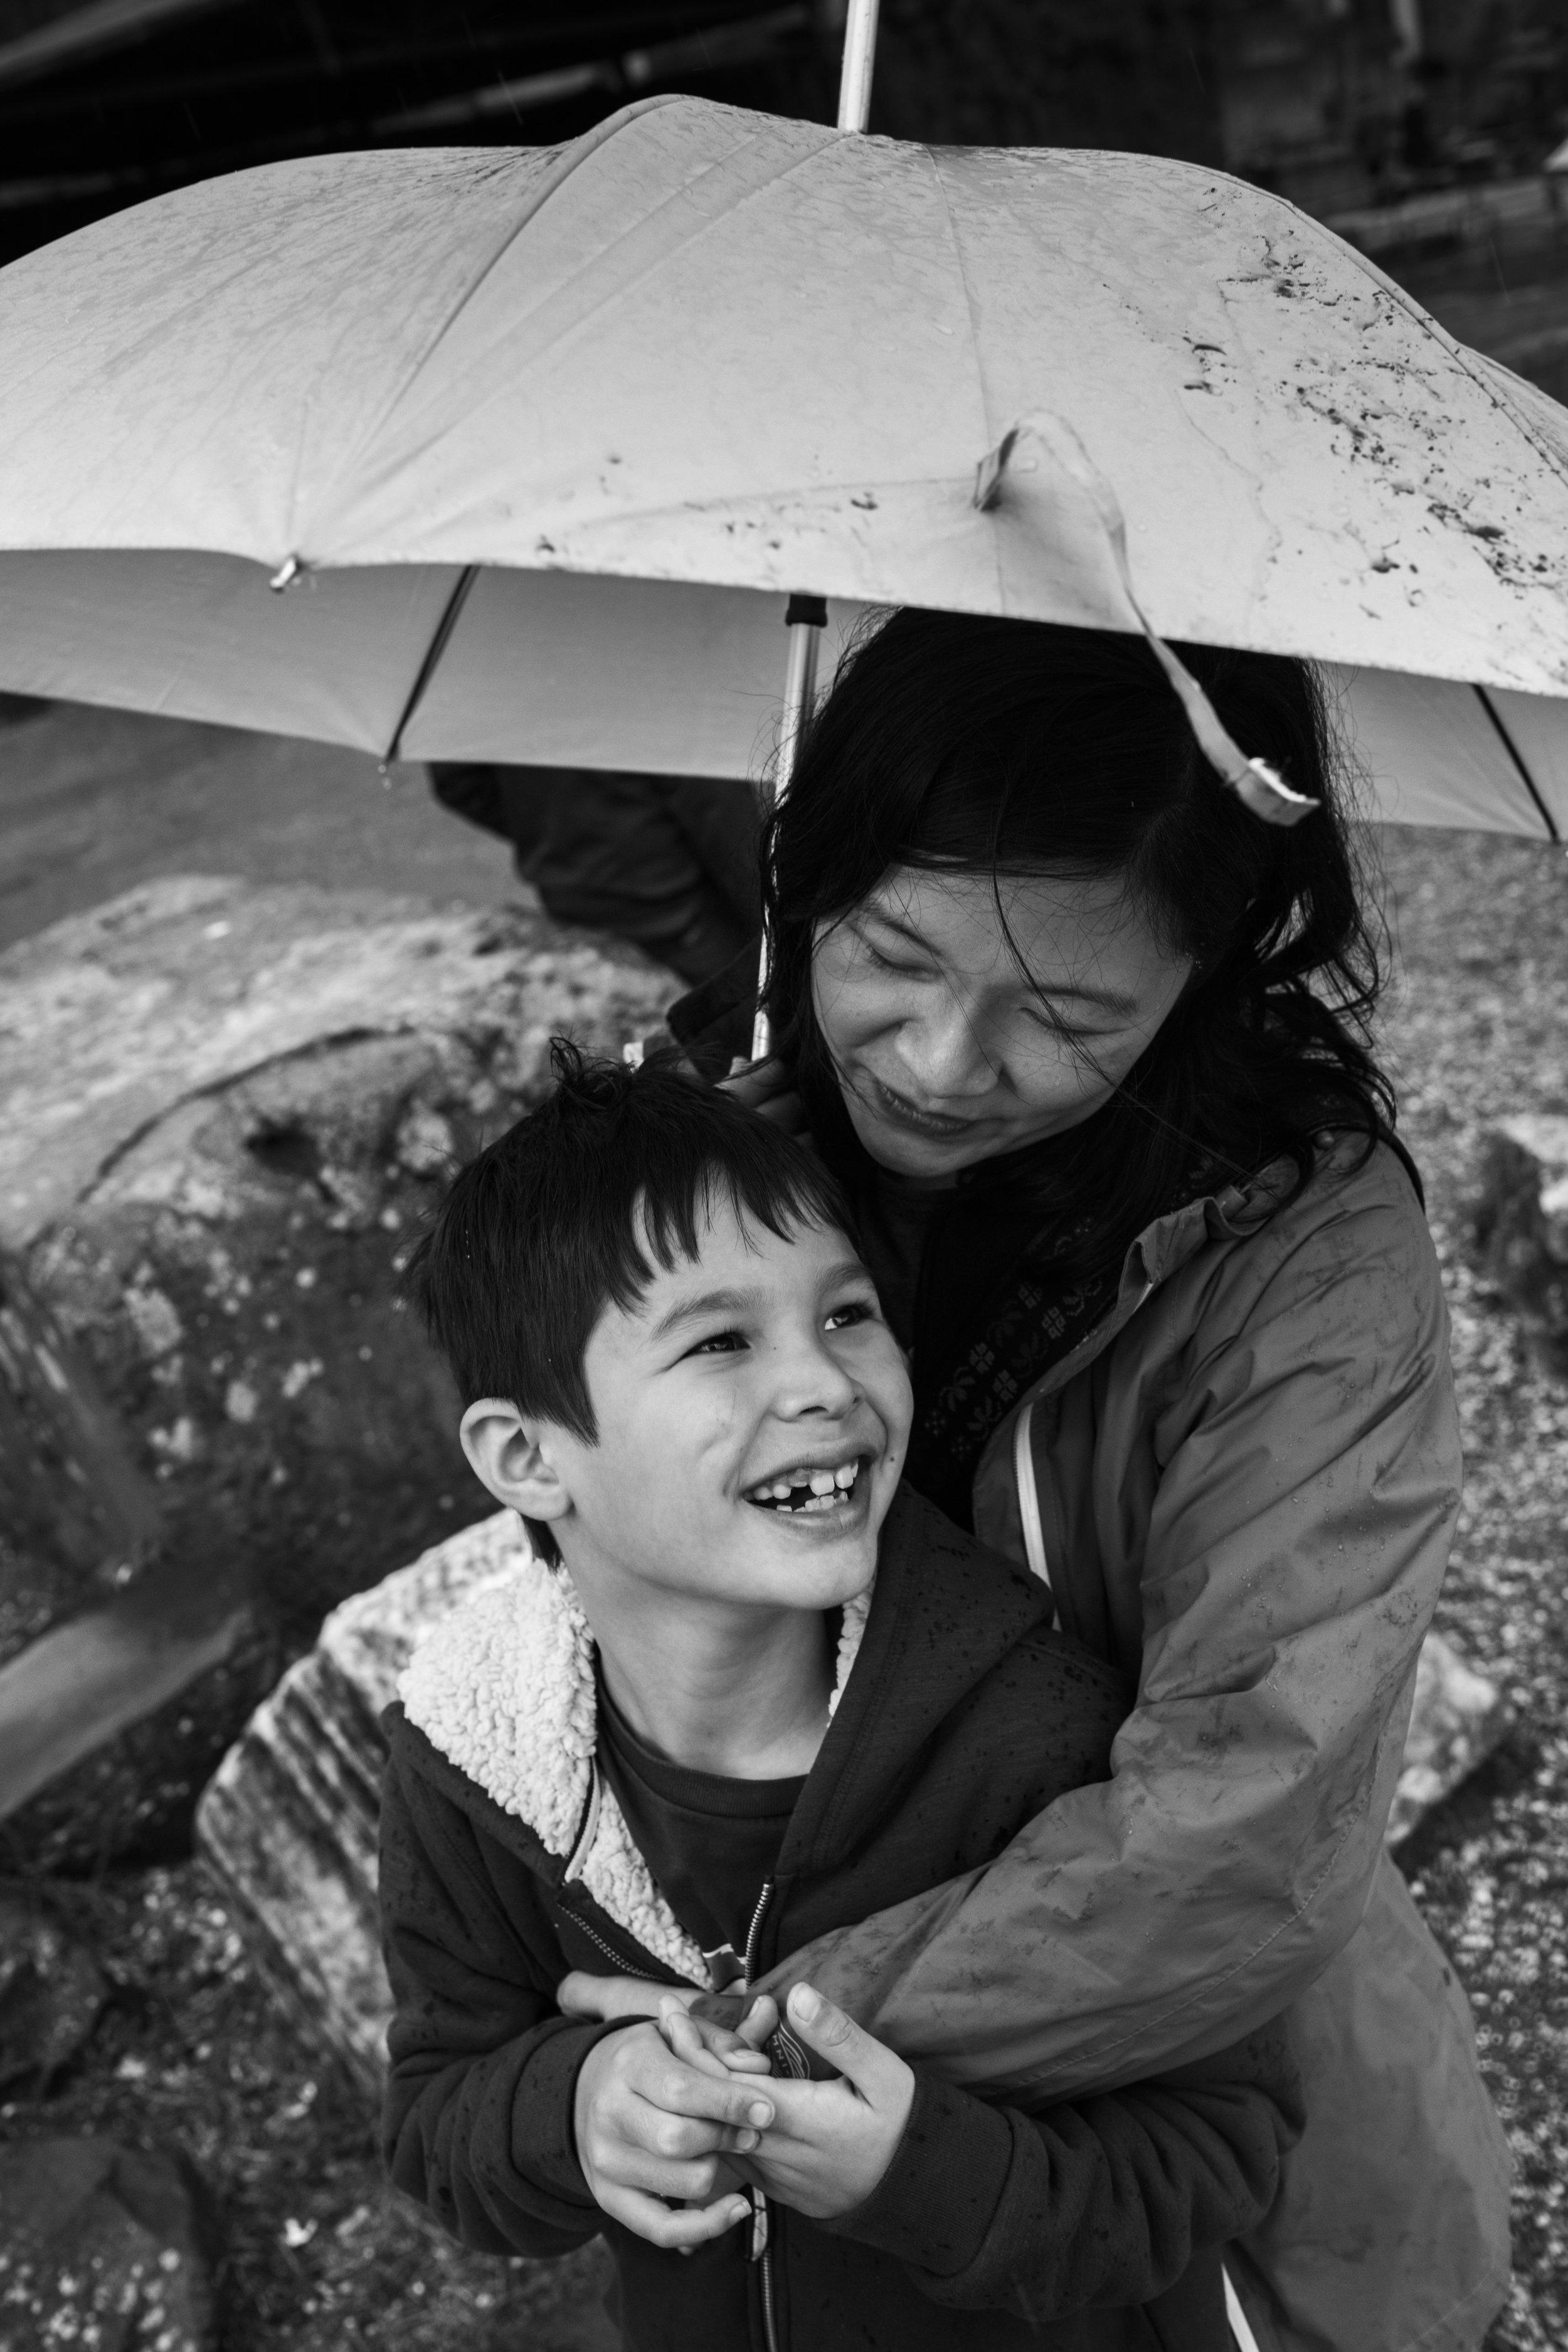 Quanto valgono i ricordi? - …il primo respiro,le prime ore di vita,una passeggiata al mare d'inverno,i pigiama party con le amiche,la complicità e le lotte tra fratelli,gli abbracci e baci inaspettati di mamma,i giochi con papà,l'amore dei nonni…